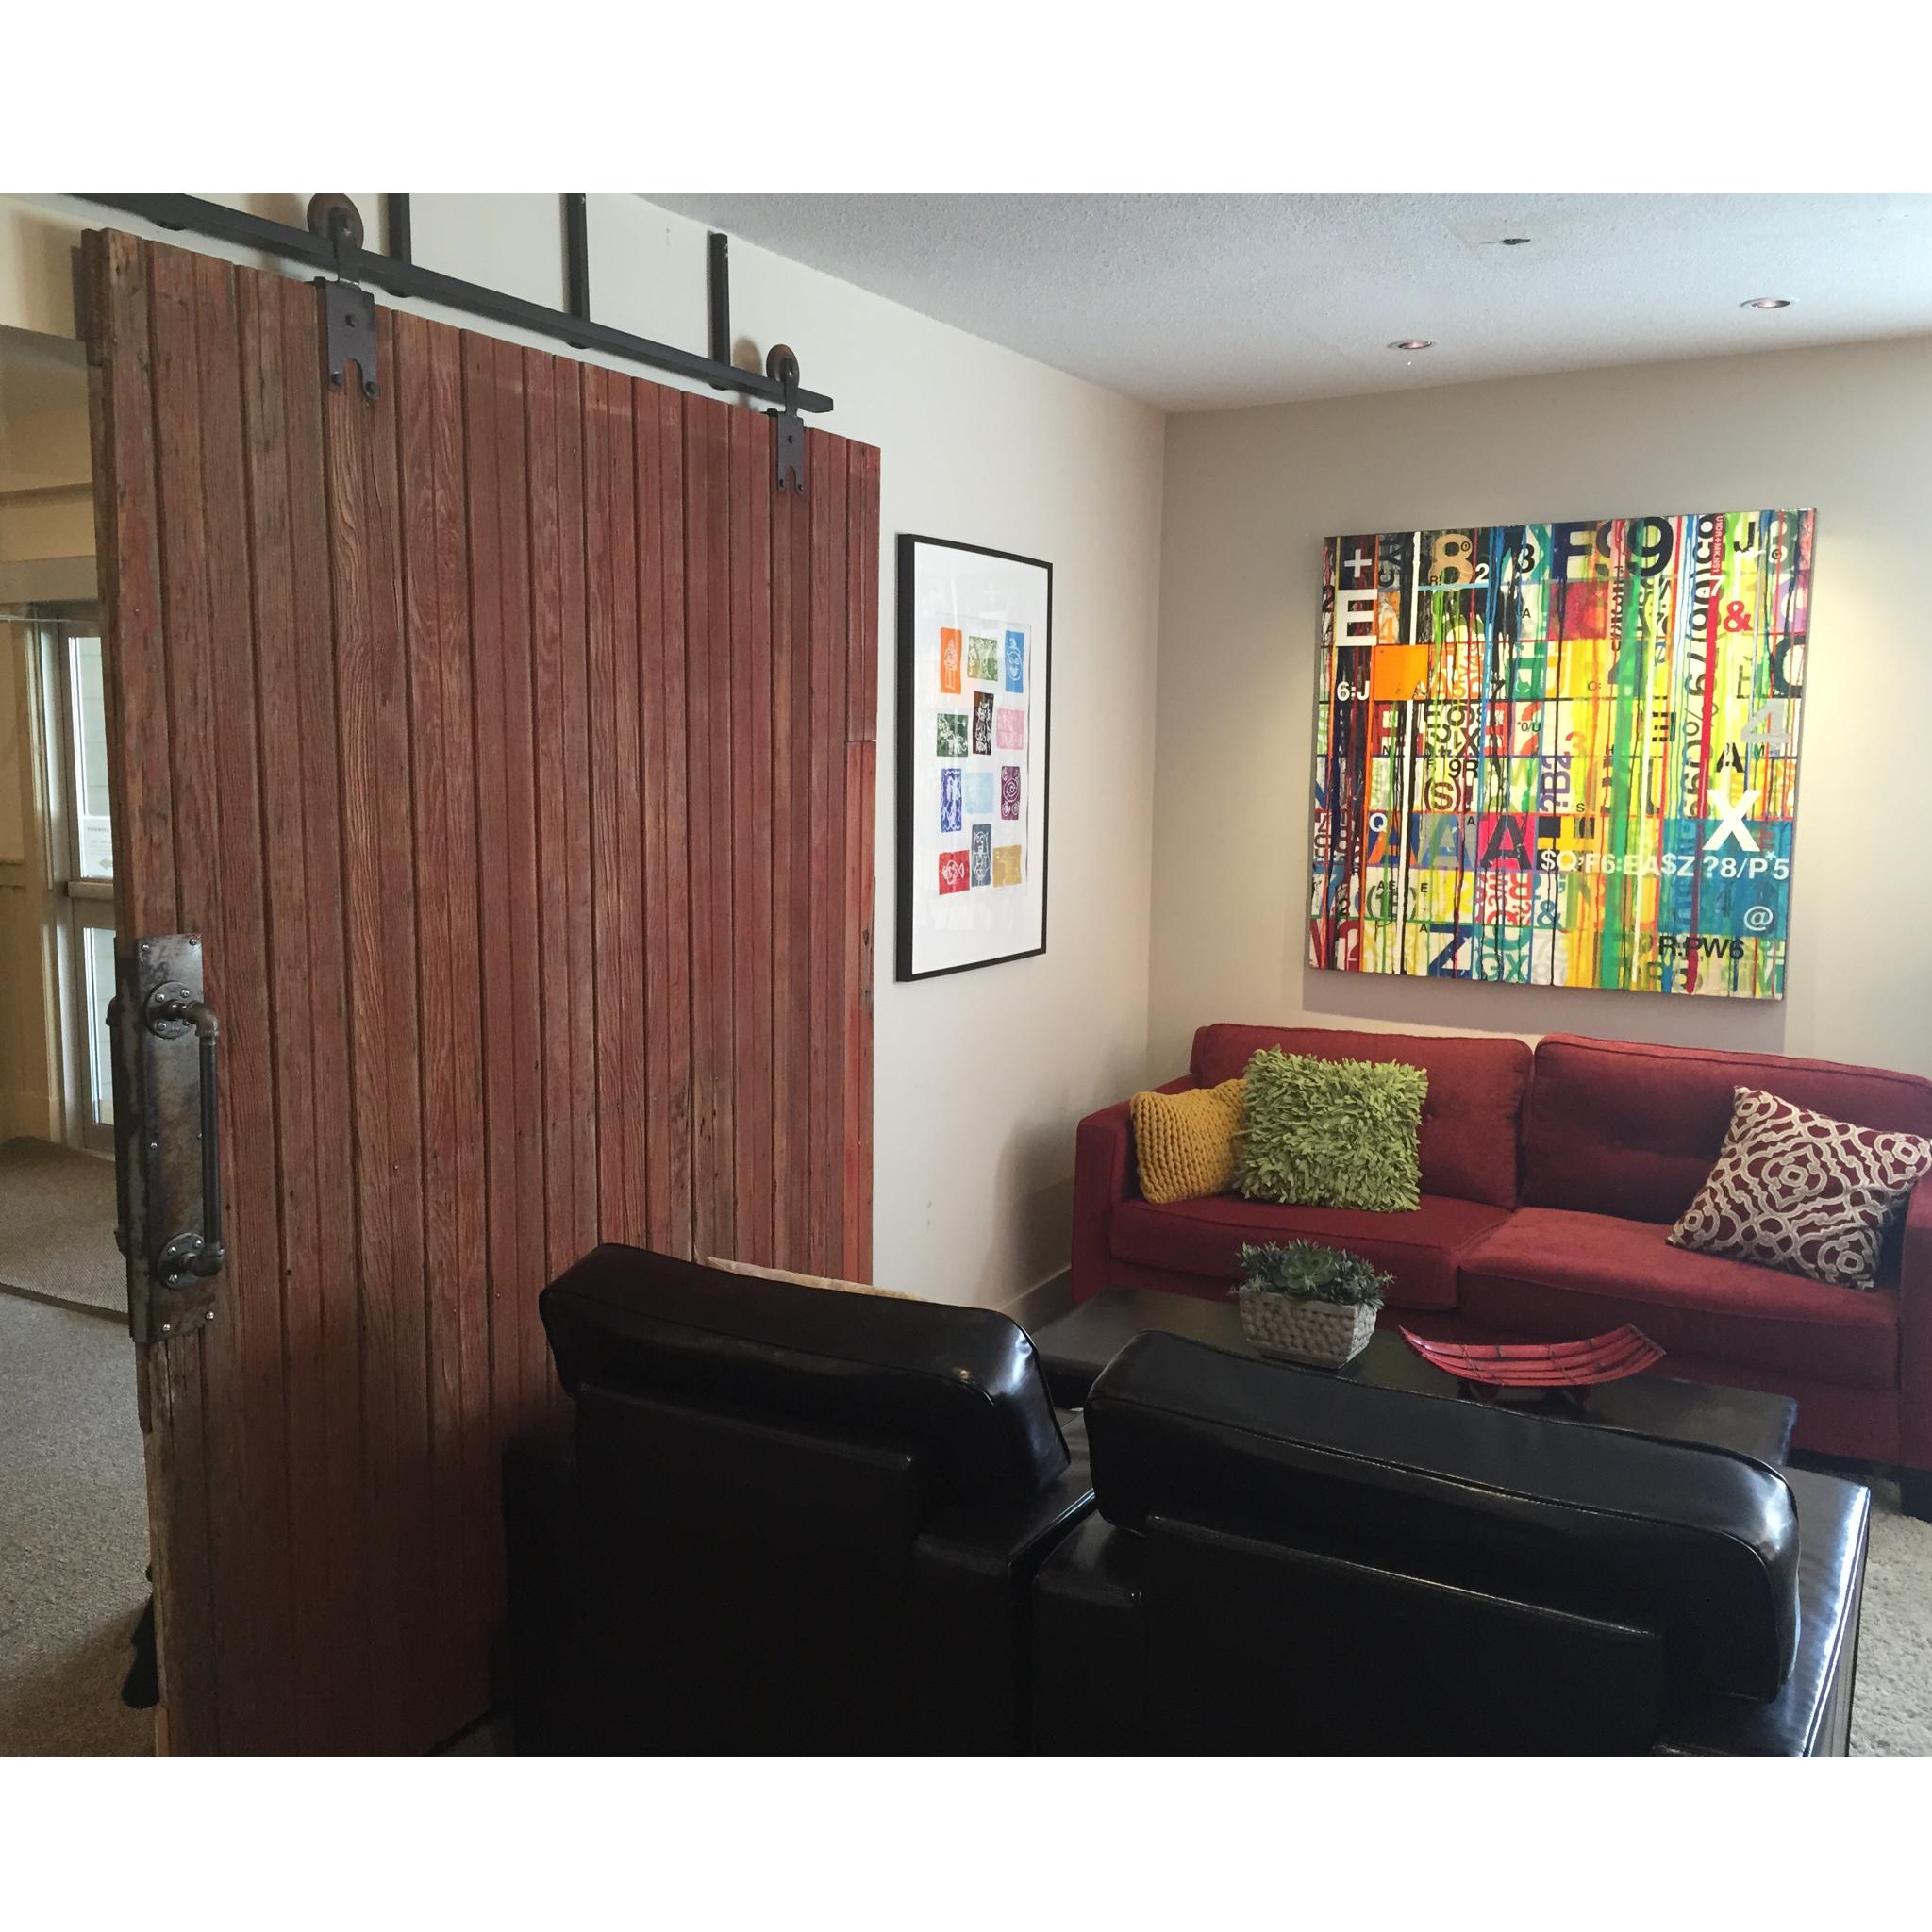 Coffee room update reclaimed barn door by yorkegraham